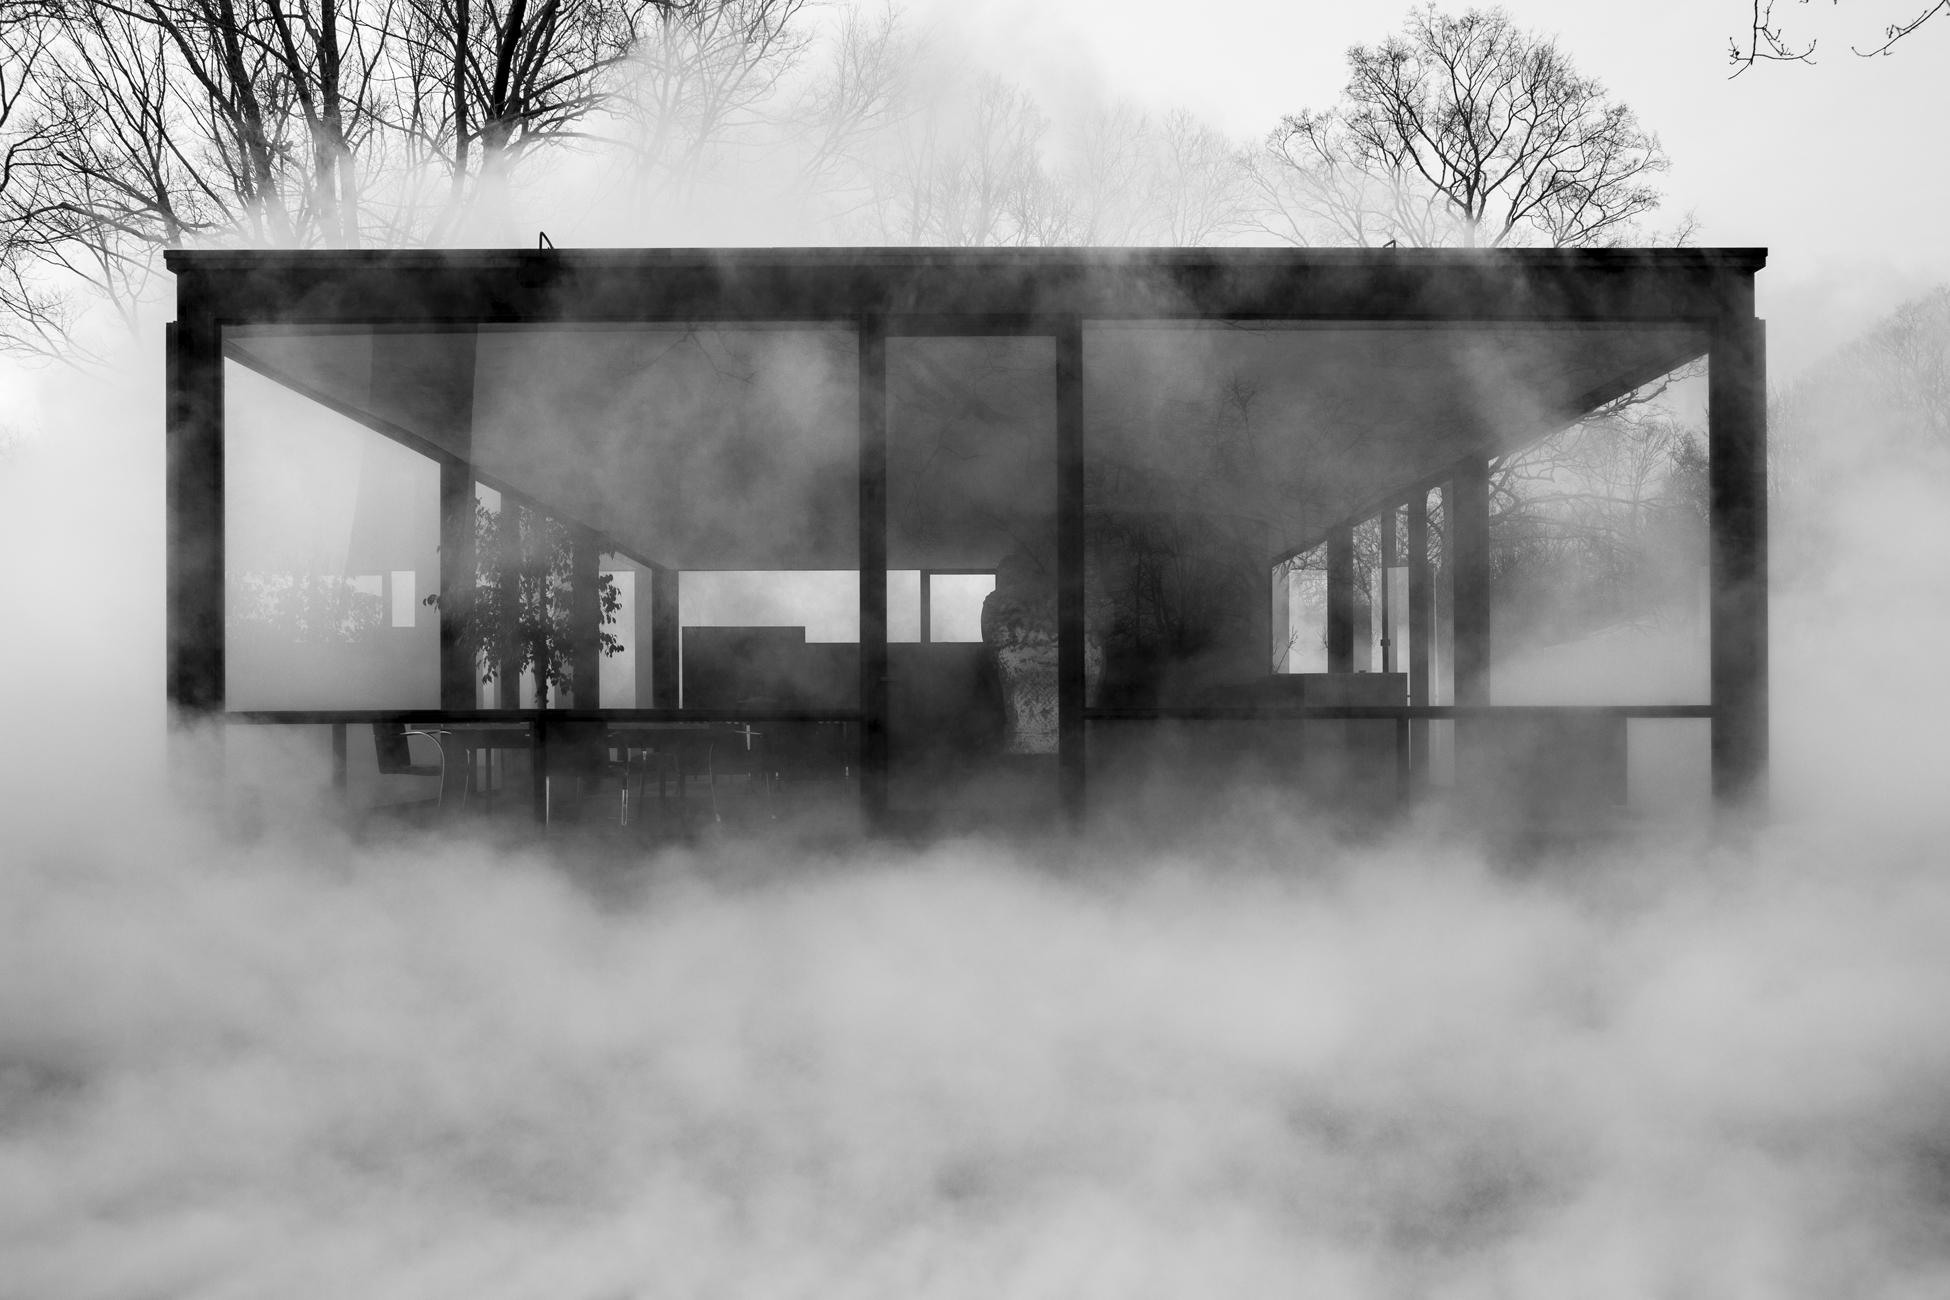 GlassHouse_Fog_038.jpg